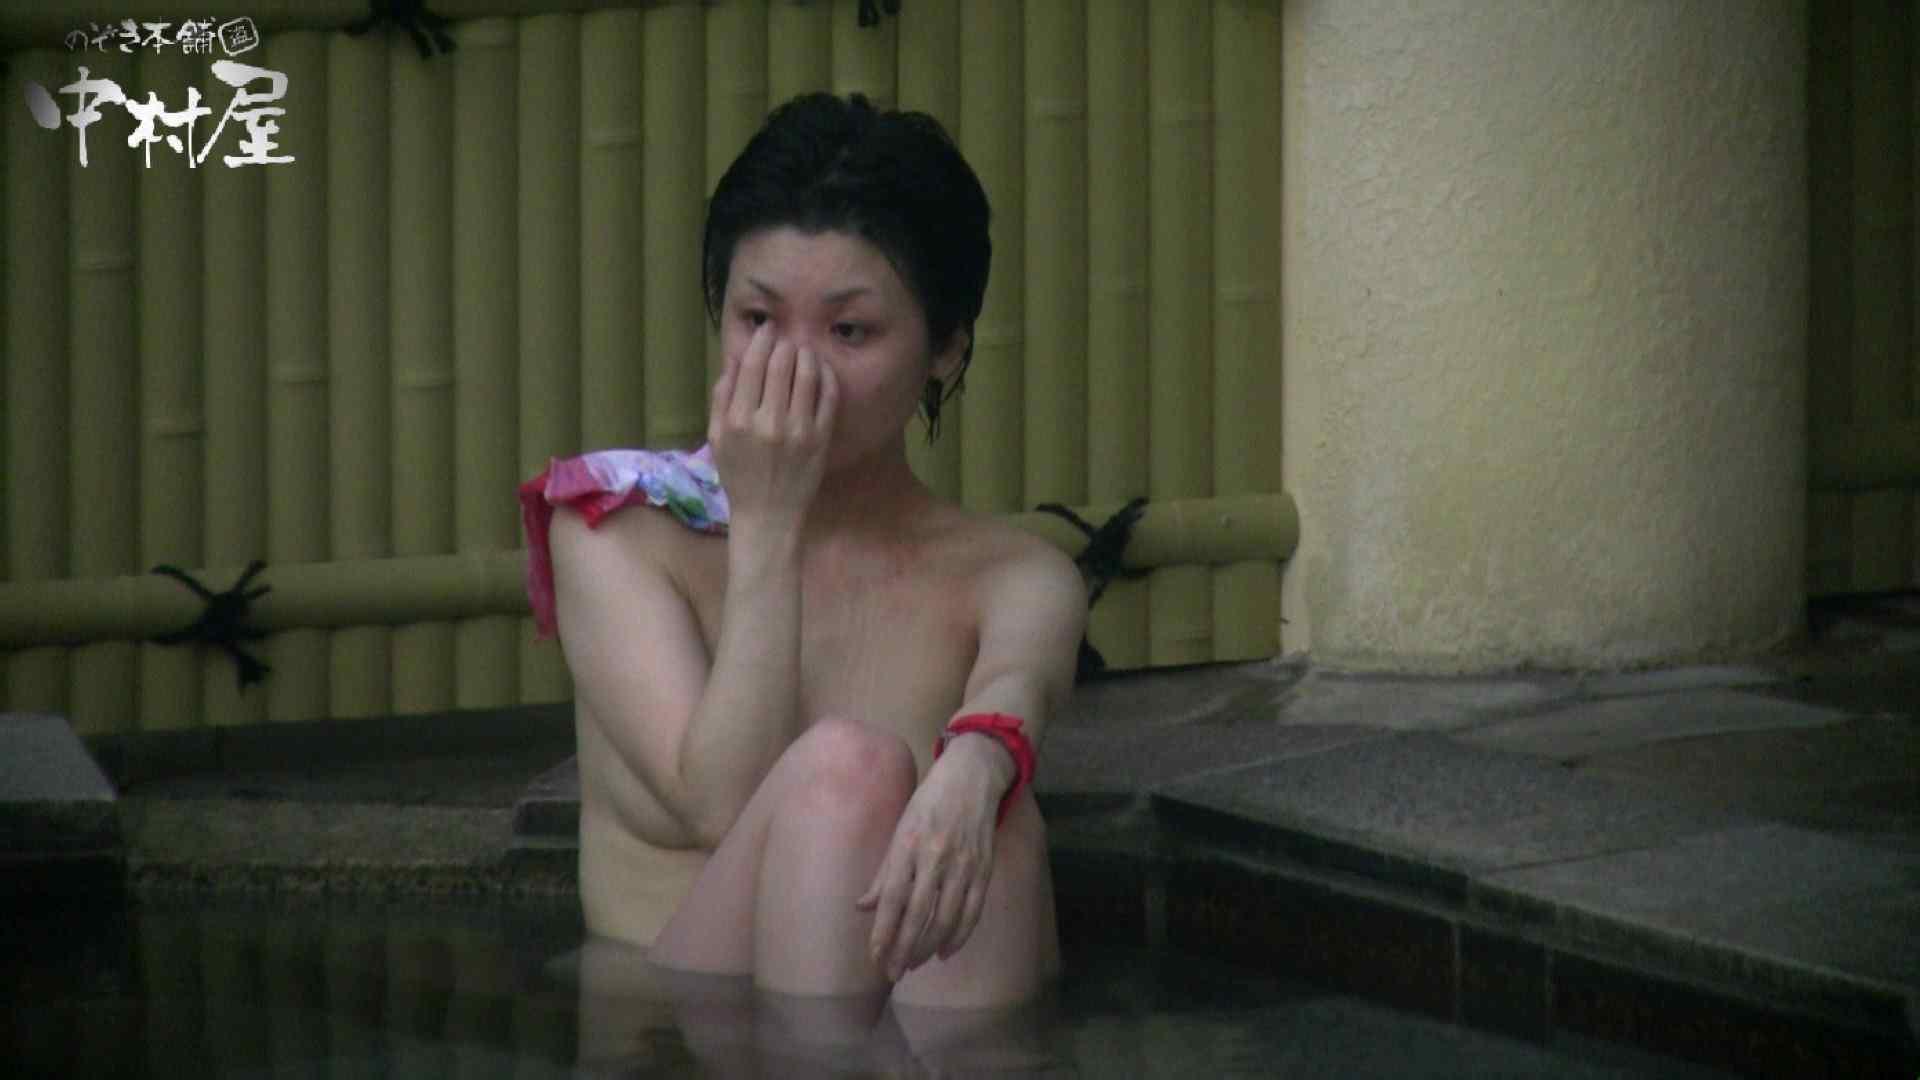 Aquaな露天風呂Vol.884 盗撮特集 | 露天  66画像 37